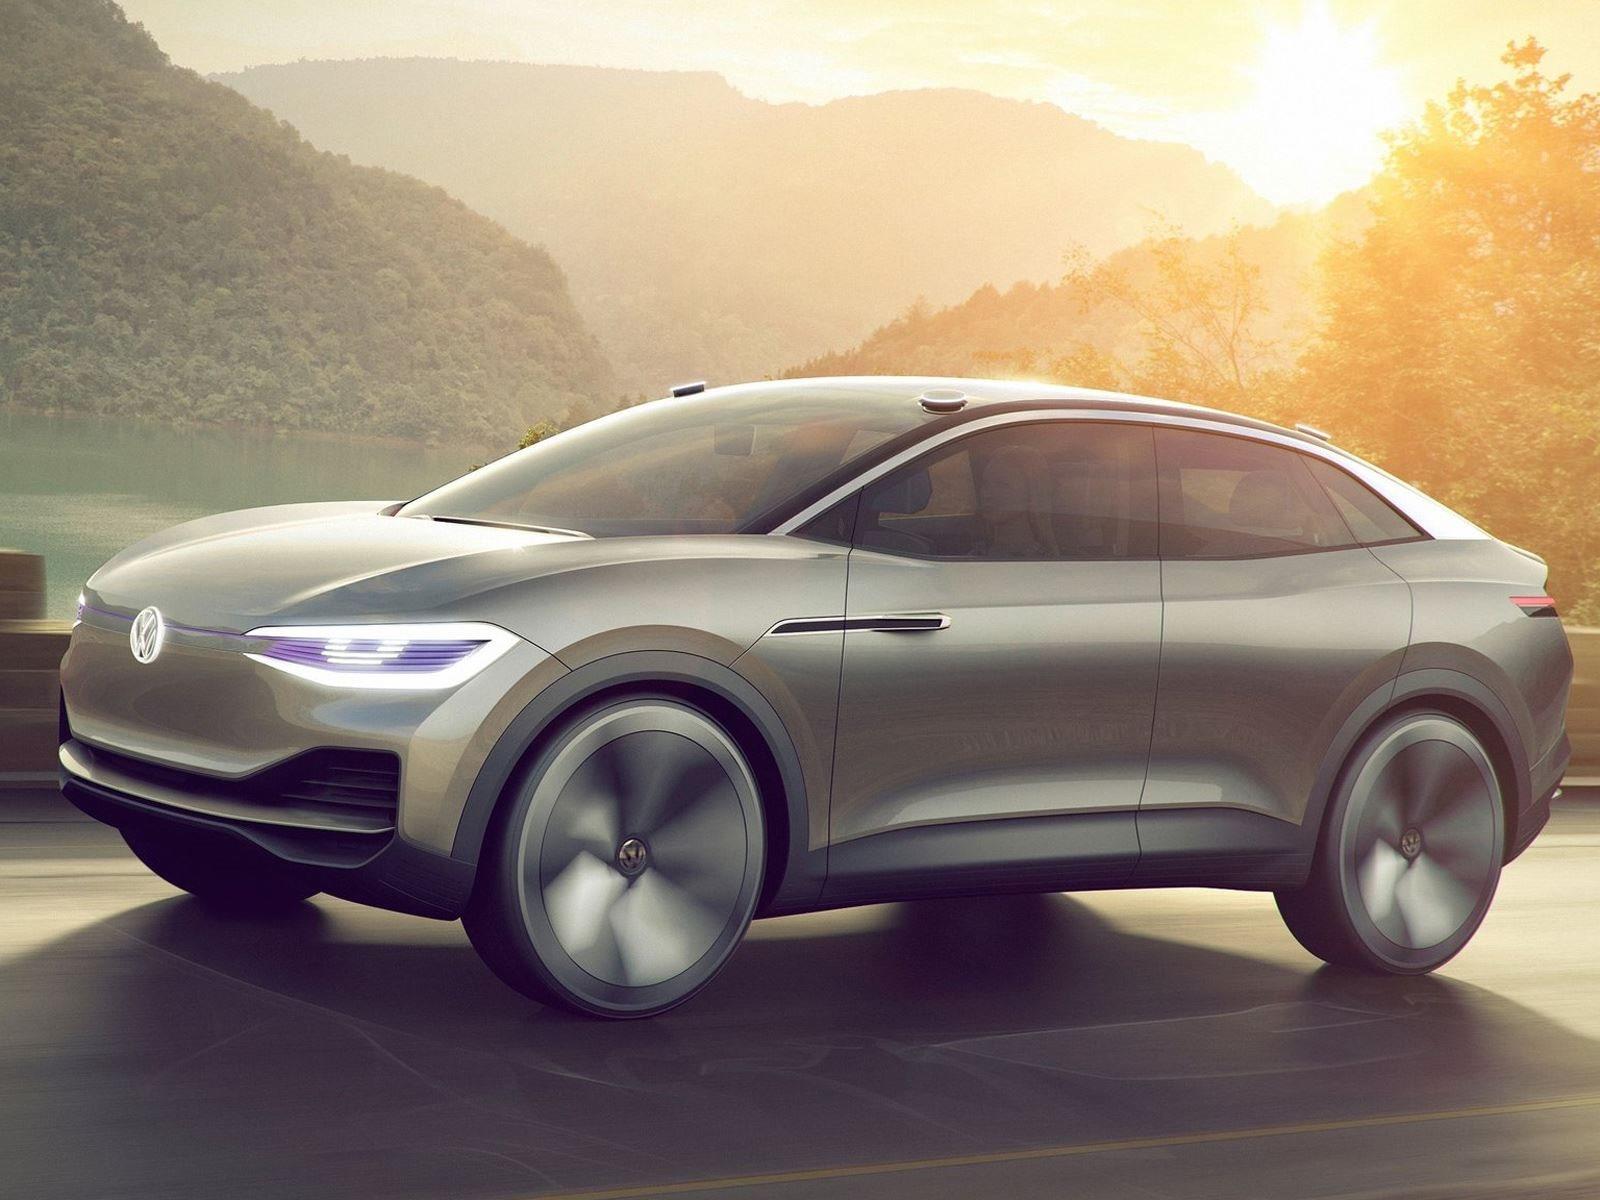 Мы все знаем, как выглядит логотип Volkswagen. В конце концов, он уже стал легендой. Но, по словам Блумберга, немецкий автопроизводитель хочет переделать дизайн логотипа еще с 2012 года в рамках подготовки к эпохе электромобилей. Если слухи верны, то